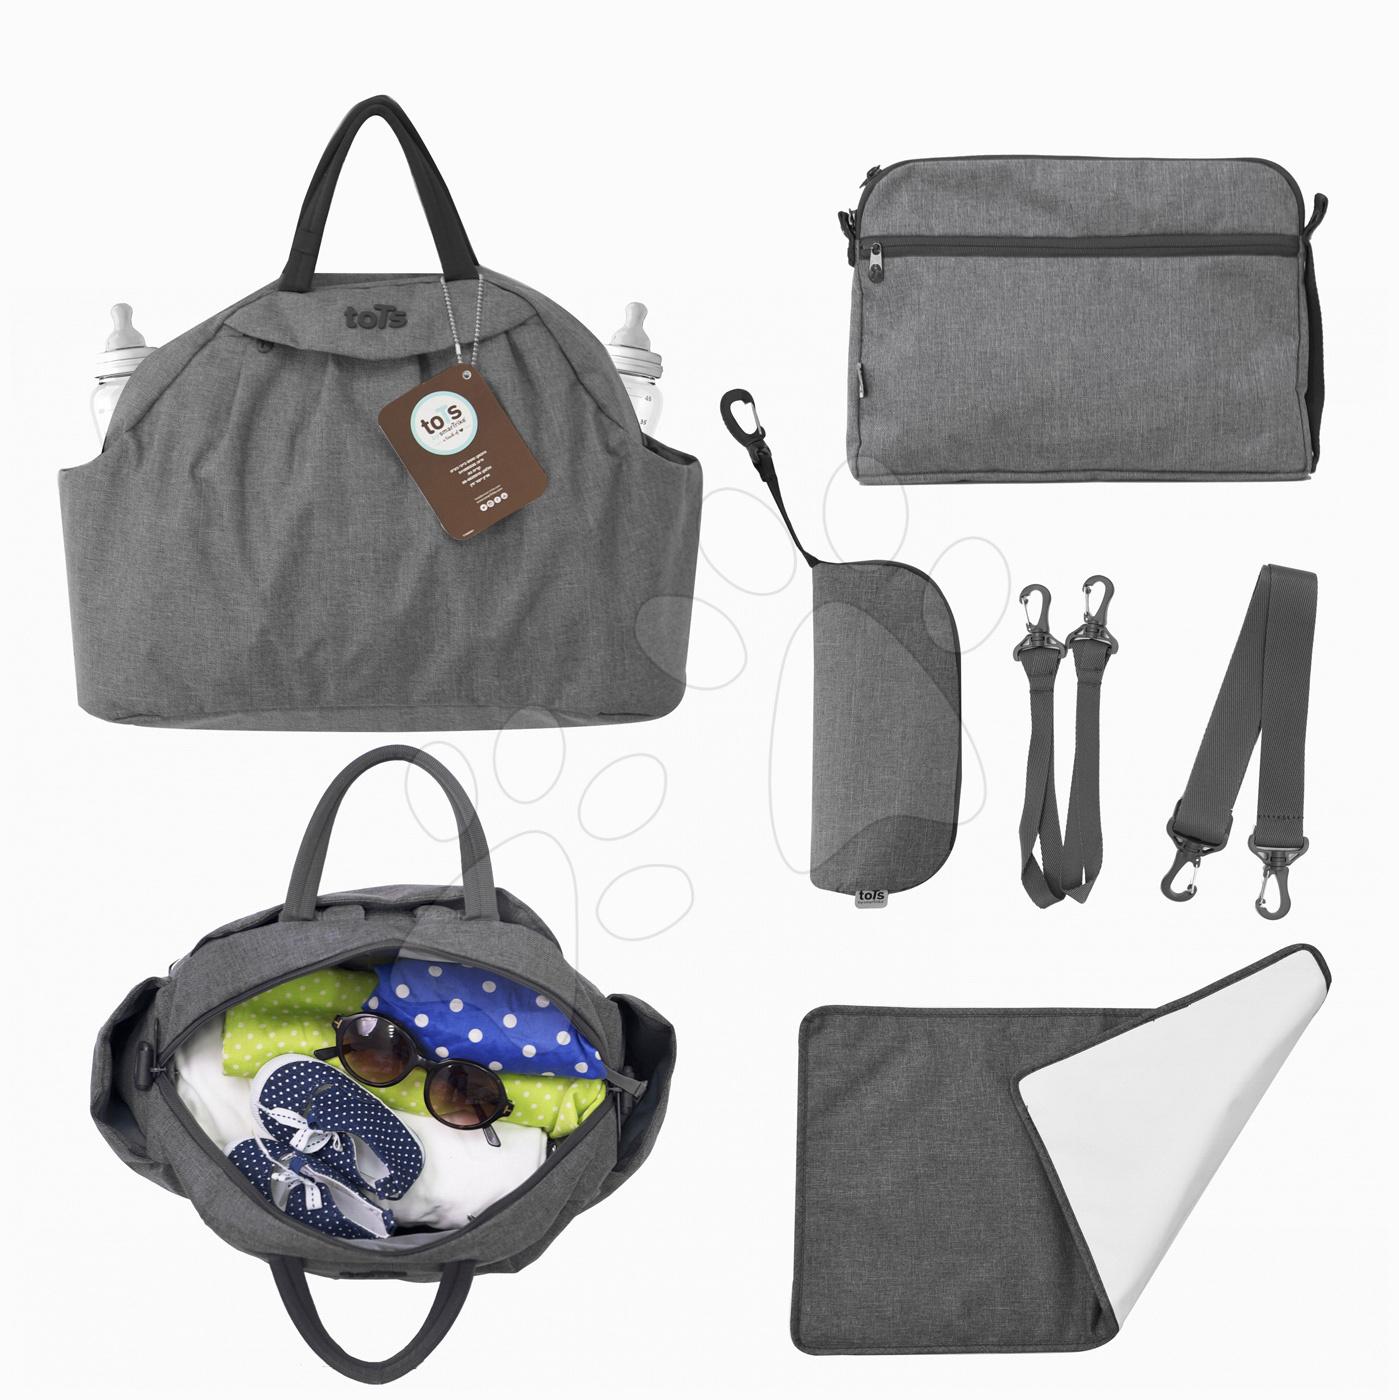 Přebalovací taška Chic 5v1 toTs-smarTrike s vnitřní taškou a termoobalem na láhev šedá